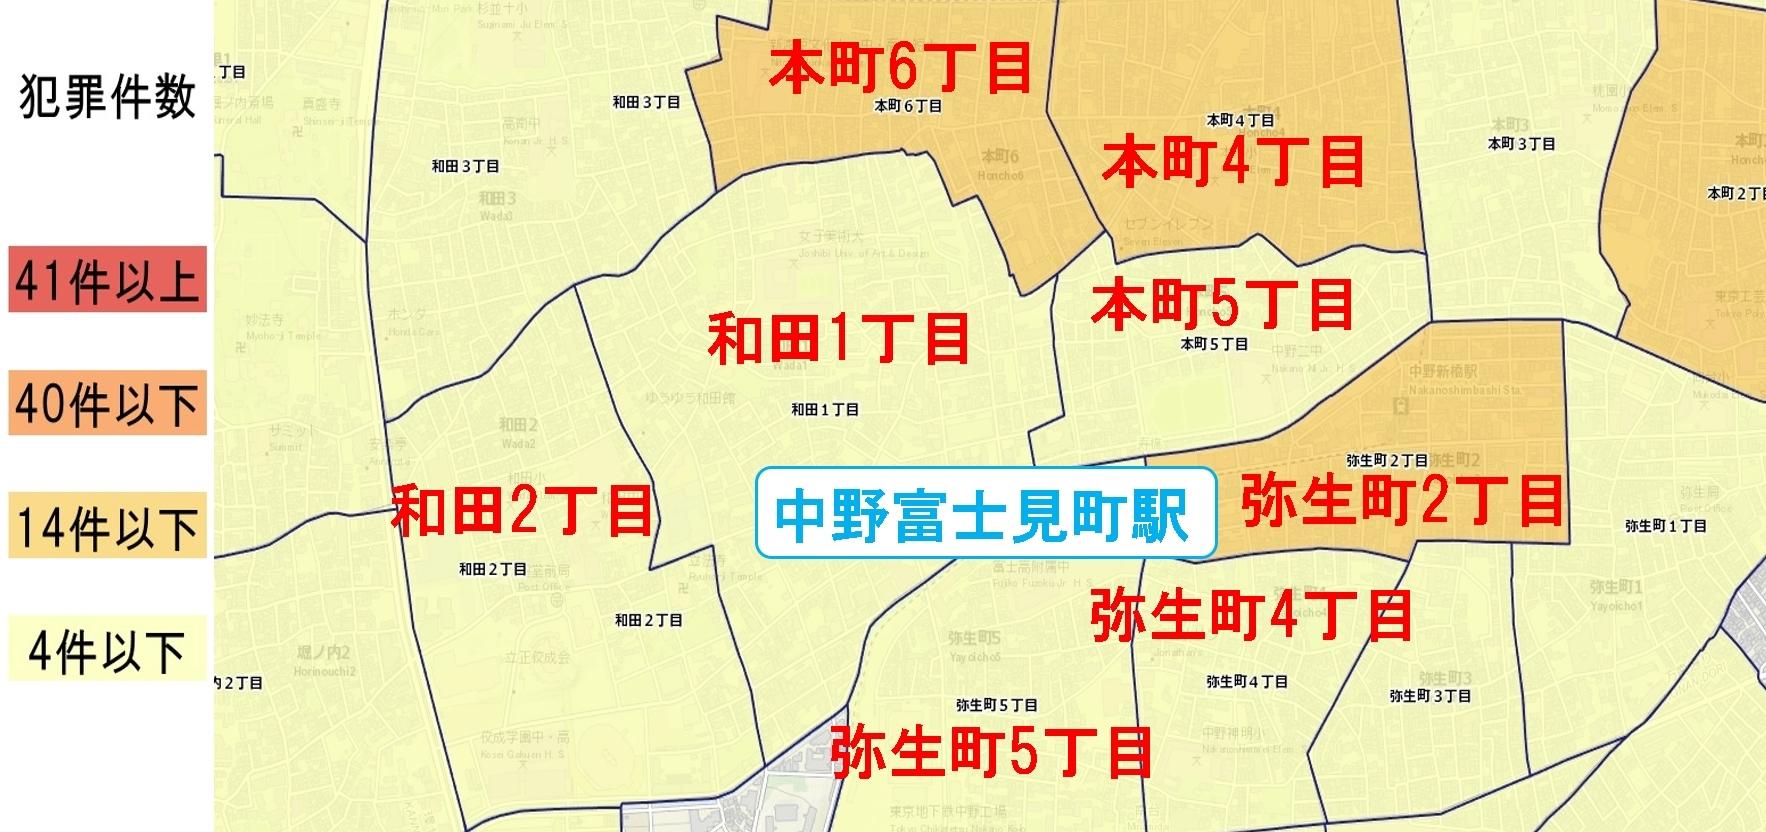 中野富士見町駅周辺の粗暴犯の犯罪件数マップ